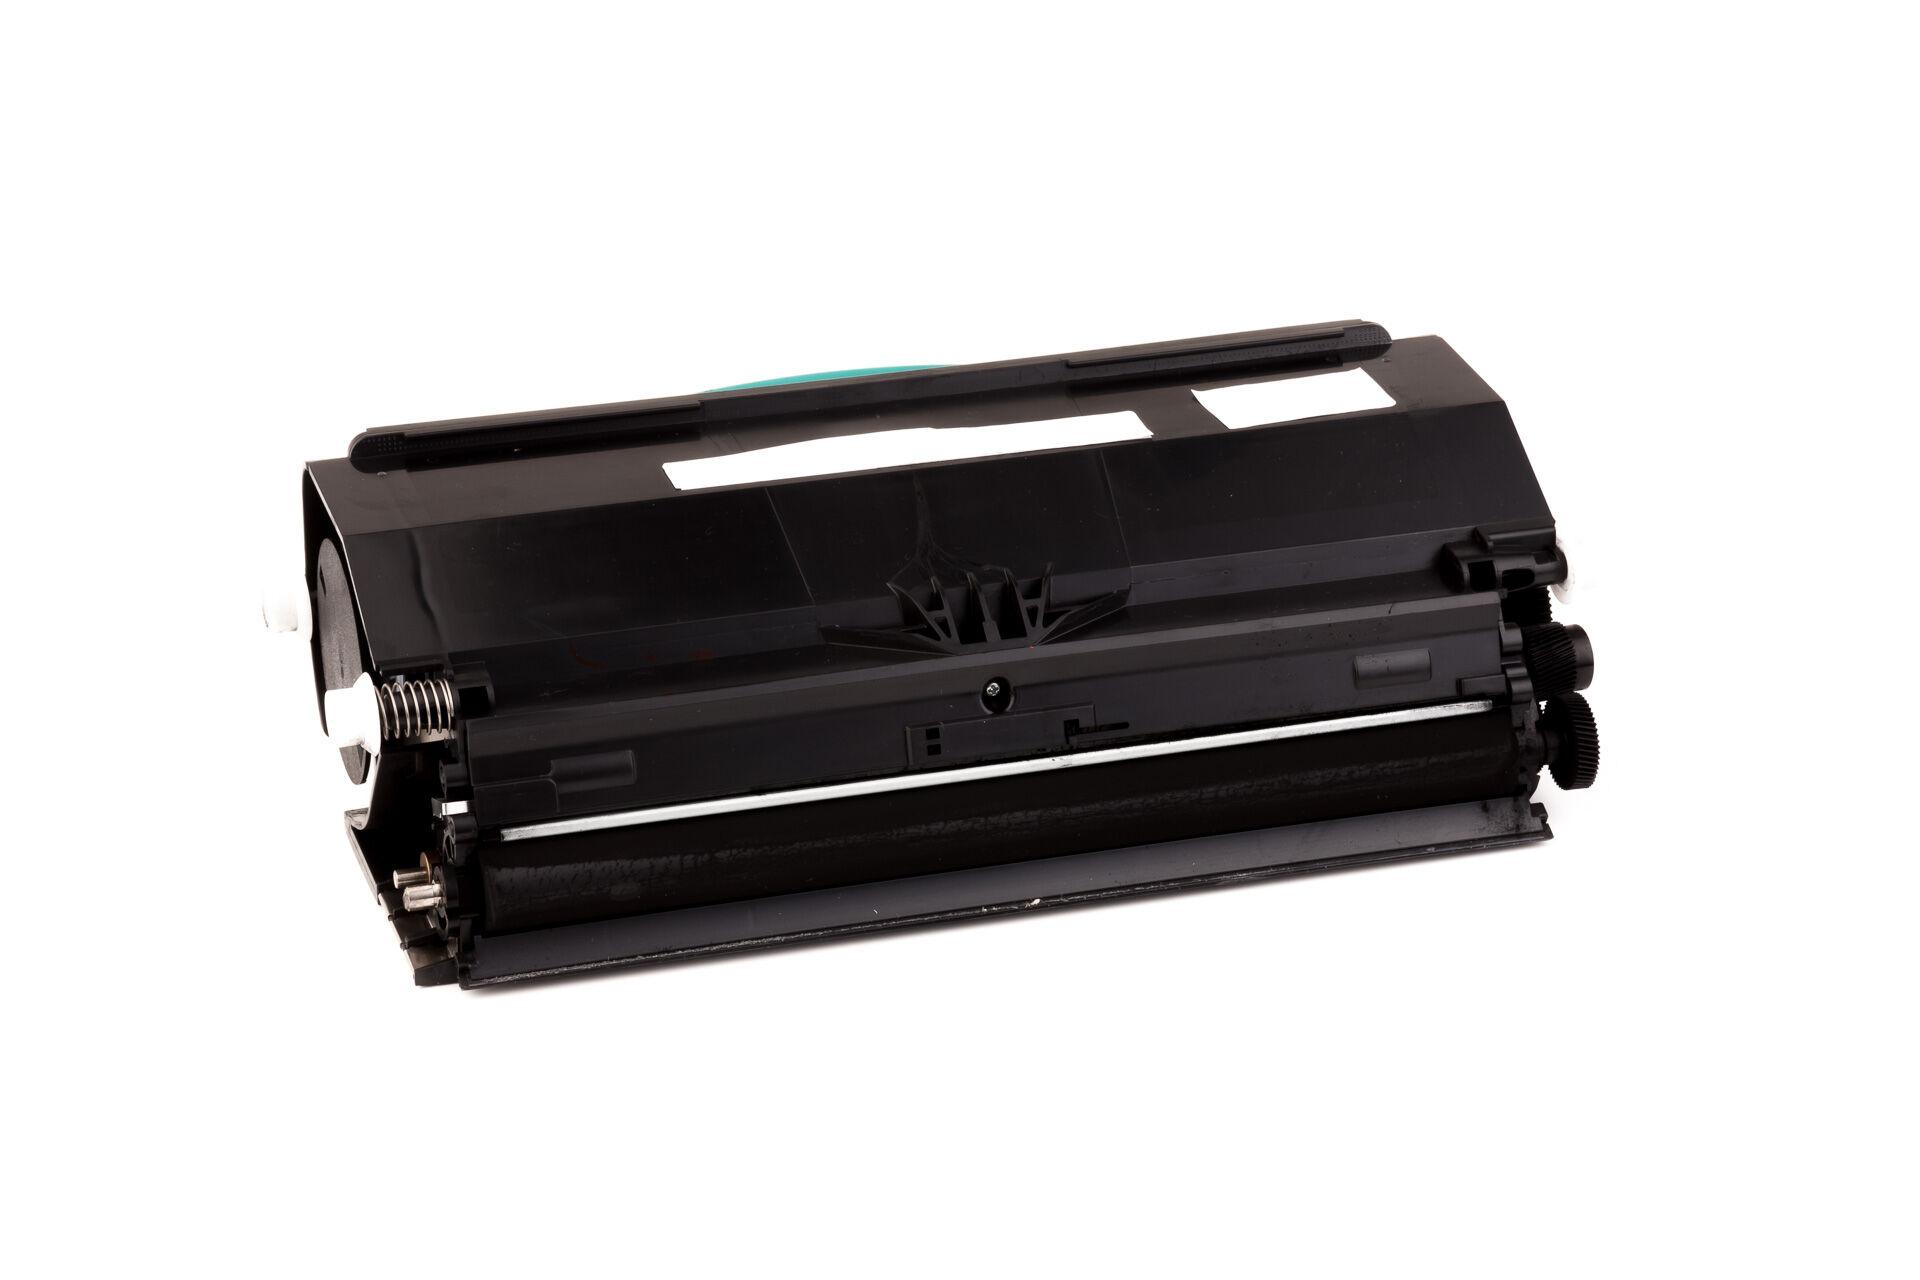 Dell Cartouche de Toner pour Dell 59310335 / PK941 noir compatible (de marque ASC)